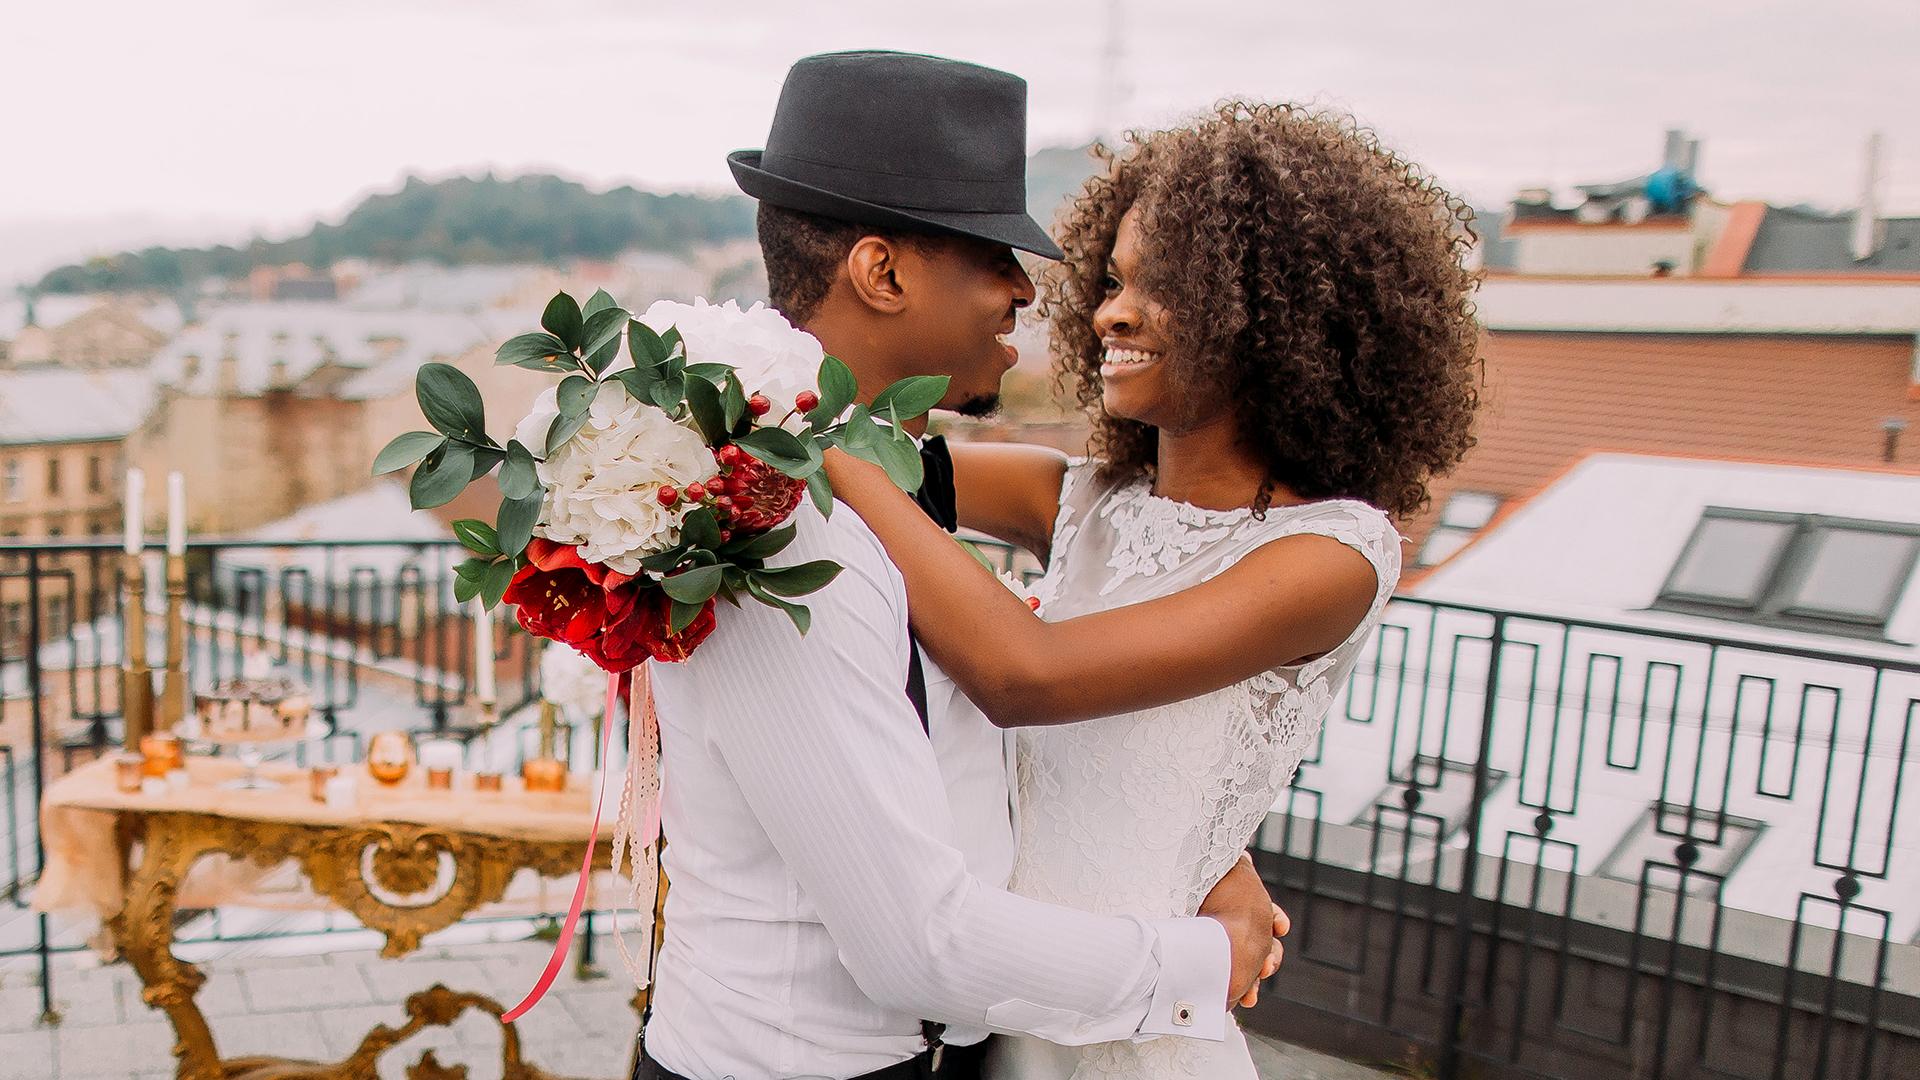 couple-married-stock-today-170316-tease-03_0967a1fcda62893ca249fa8f4a509325.jpg